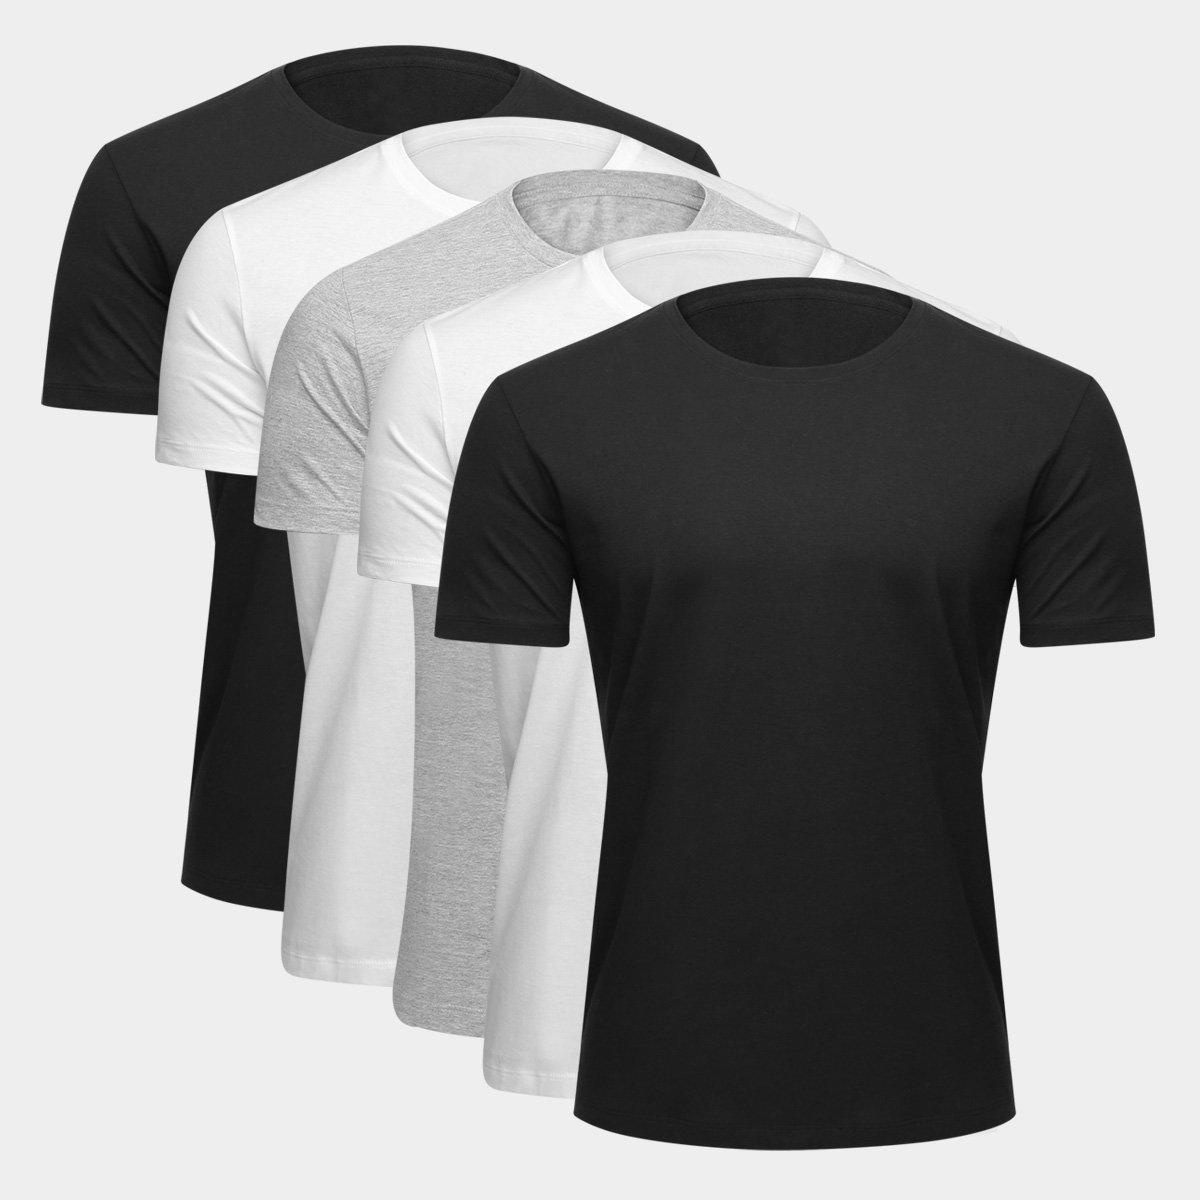 kit camiseta basica - Netshoes - Kit Camiseta Básica c/ 5 Peças Masculina - R$ 69,99